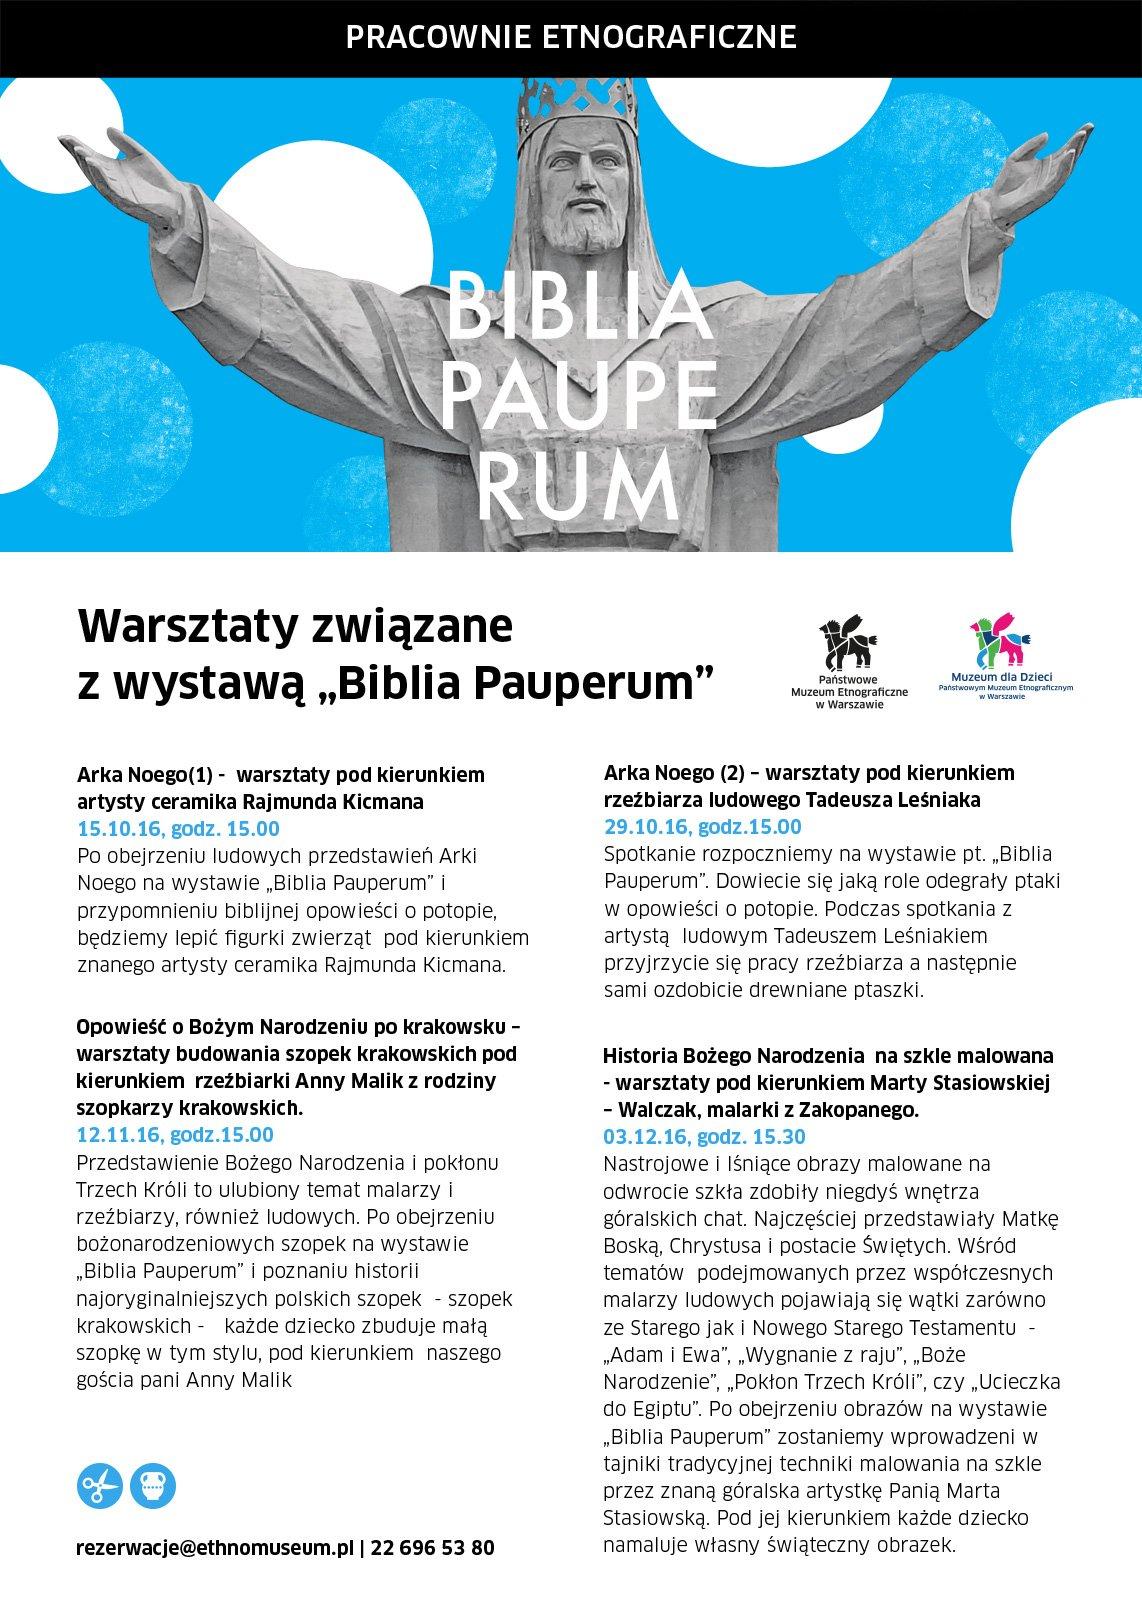 biblia-pauperum-plakat